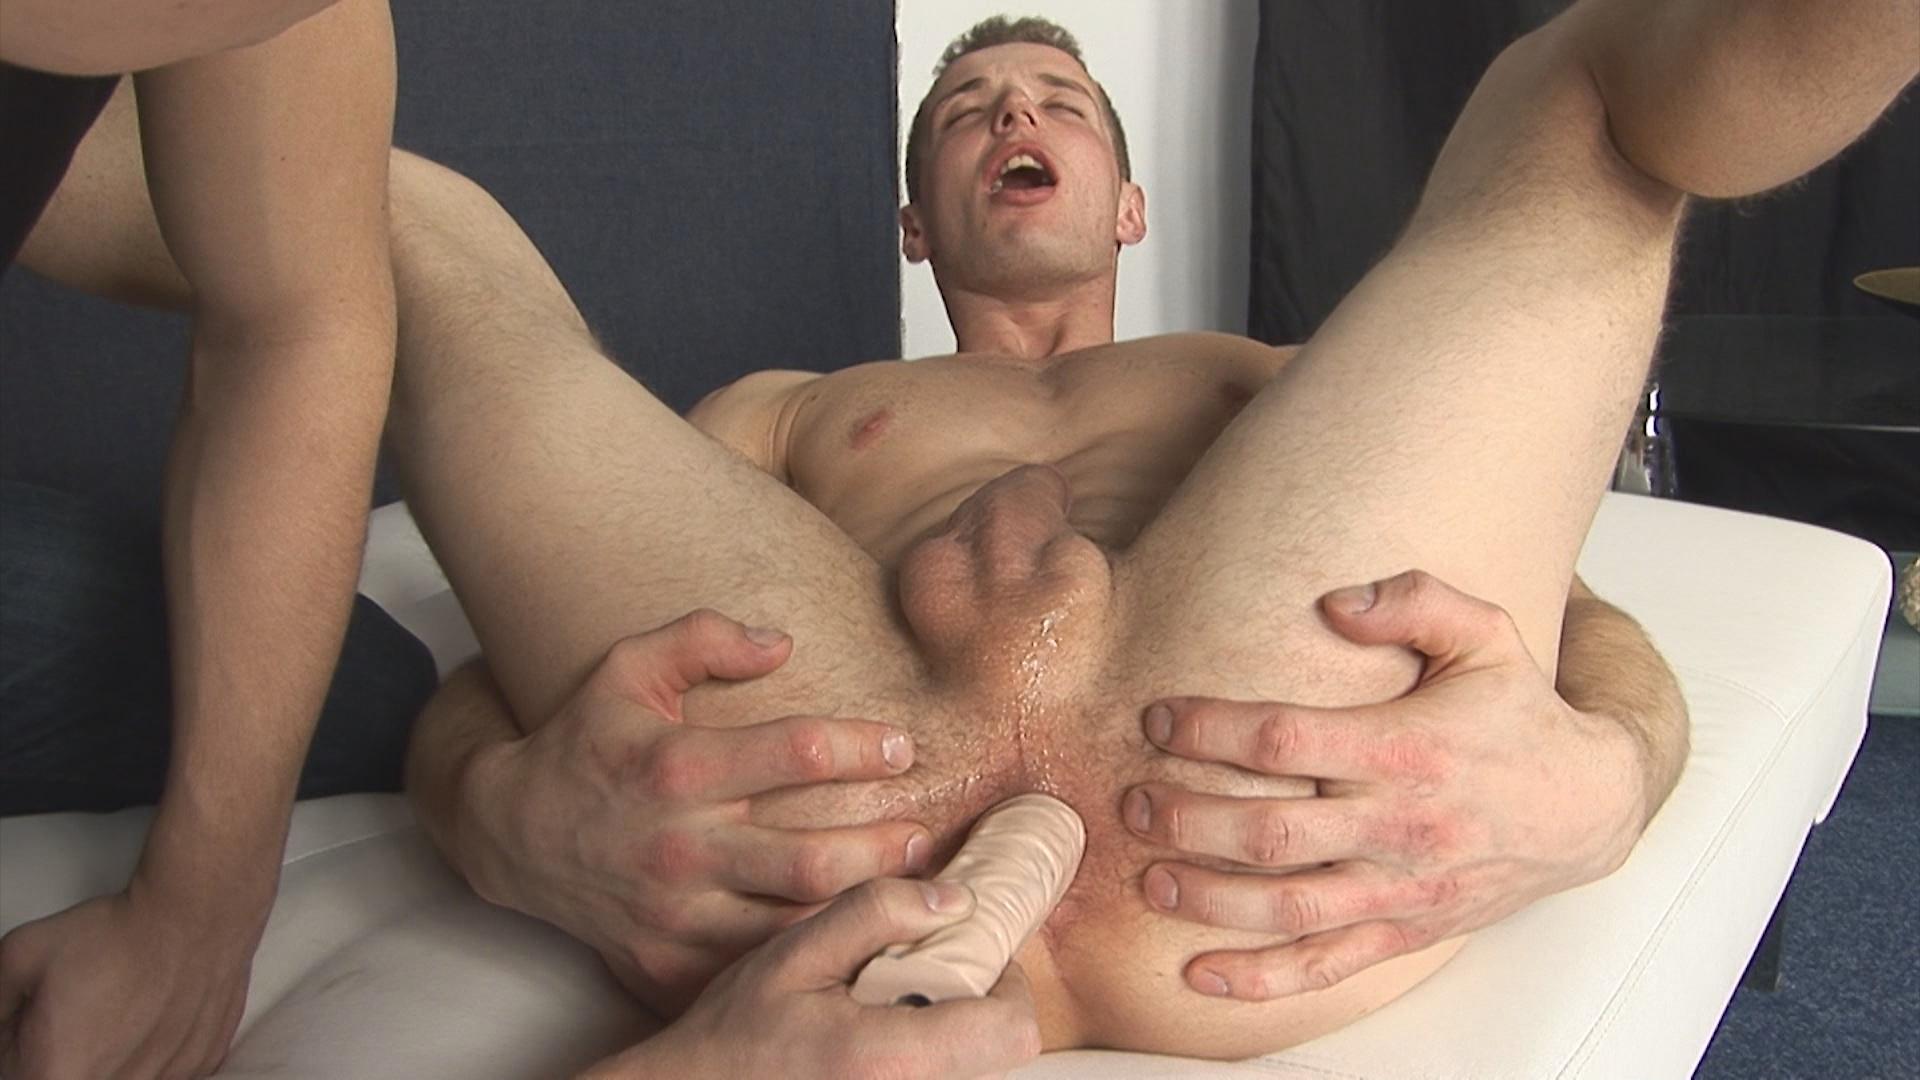 Hot Ass 2 Xvideo gay